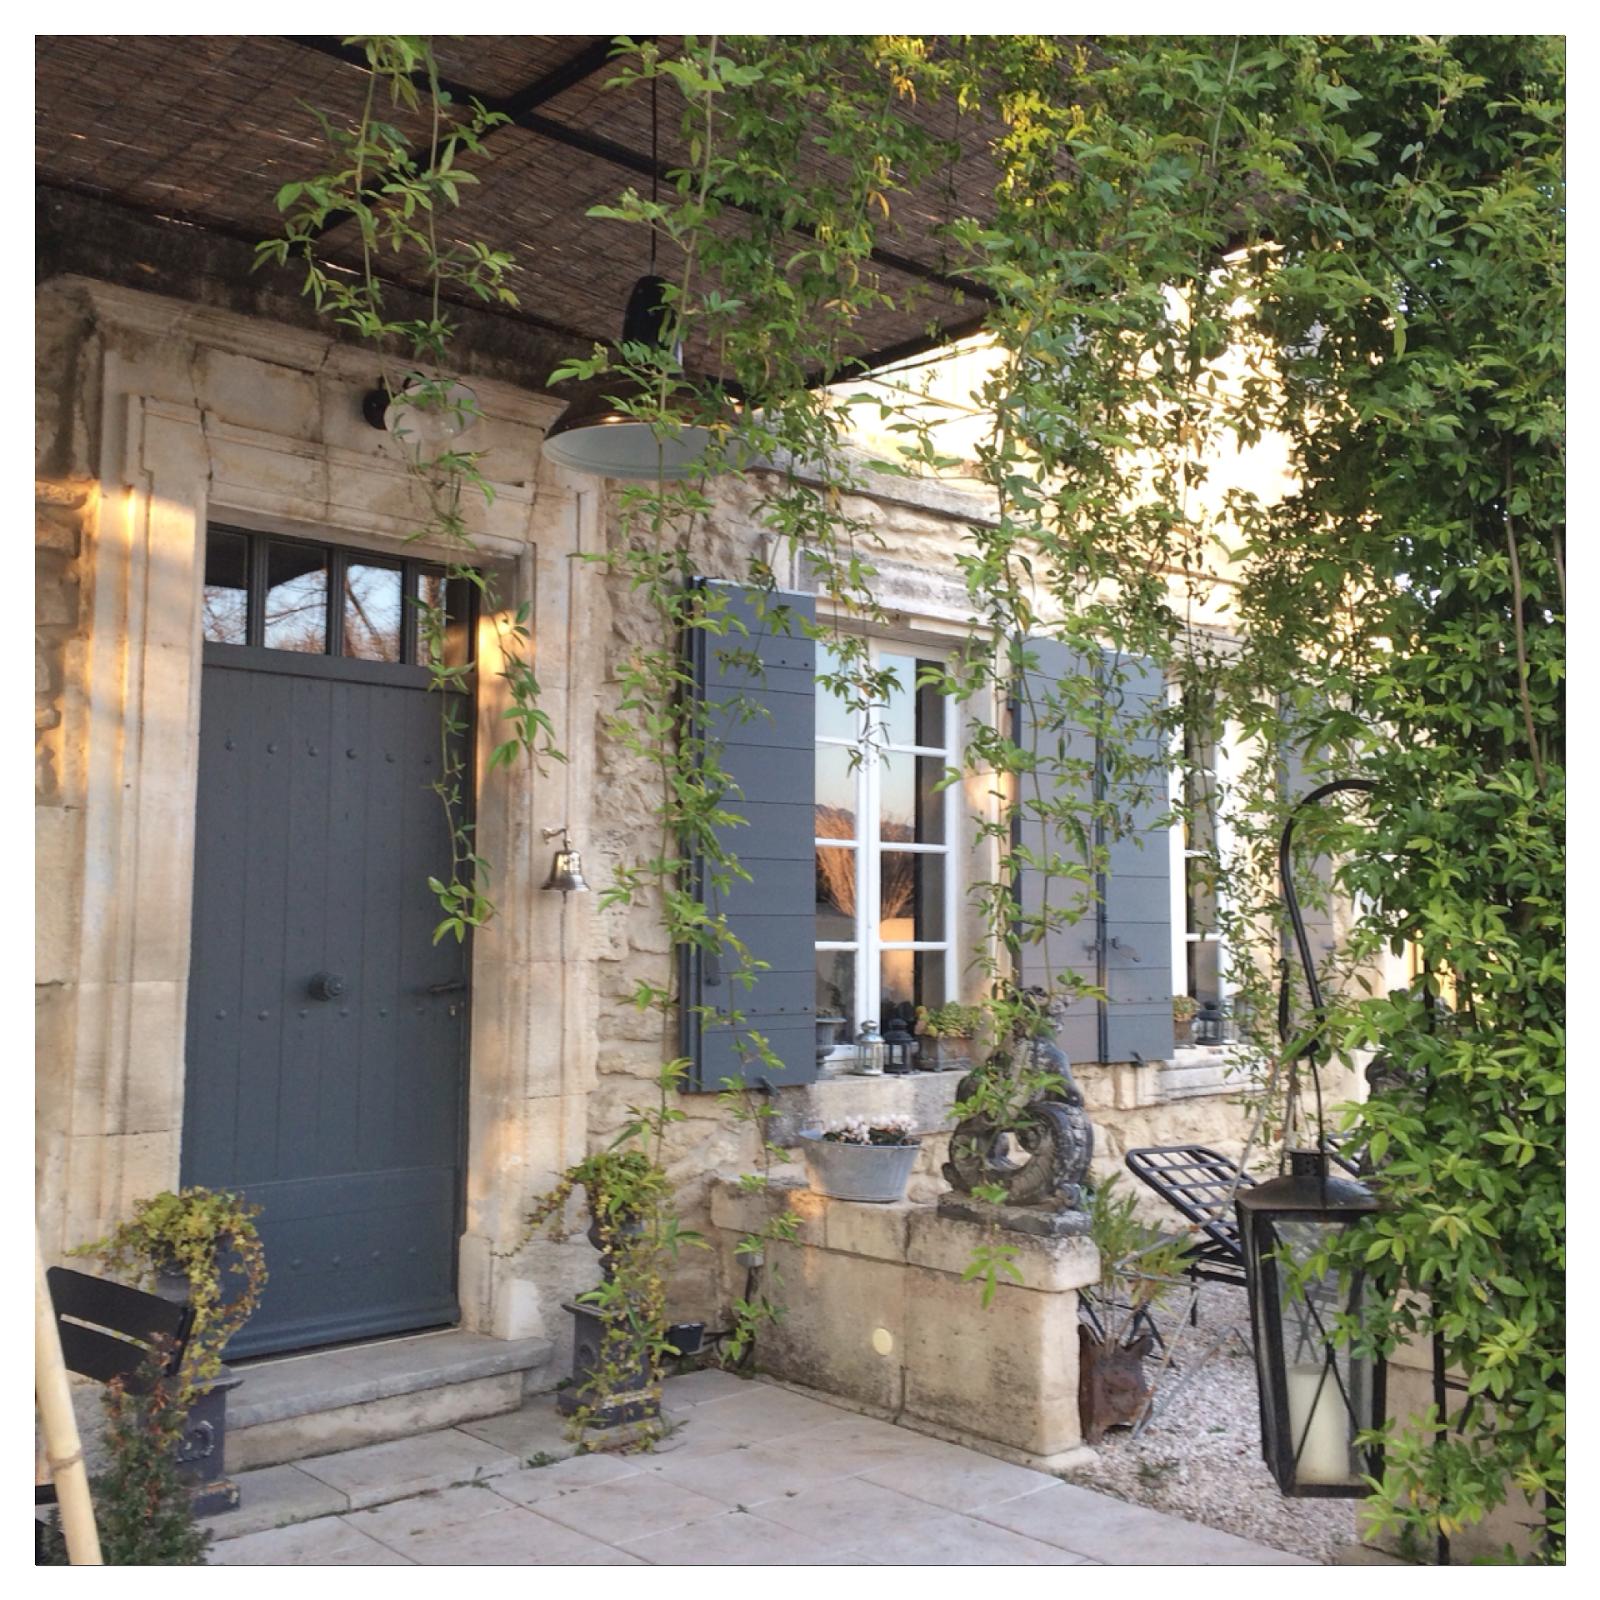 Couleur Façade Maison Ancienne img_2605 1 600 × 1 600 pixels | façade maison, couleur